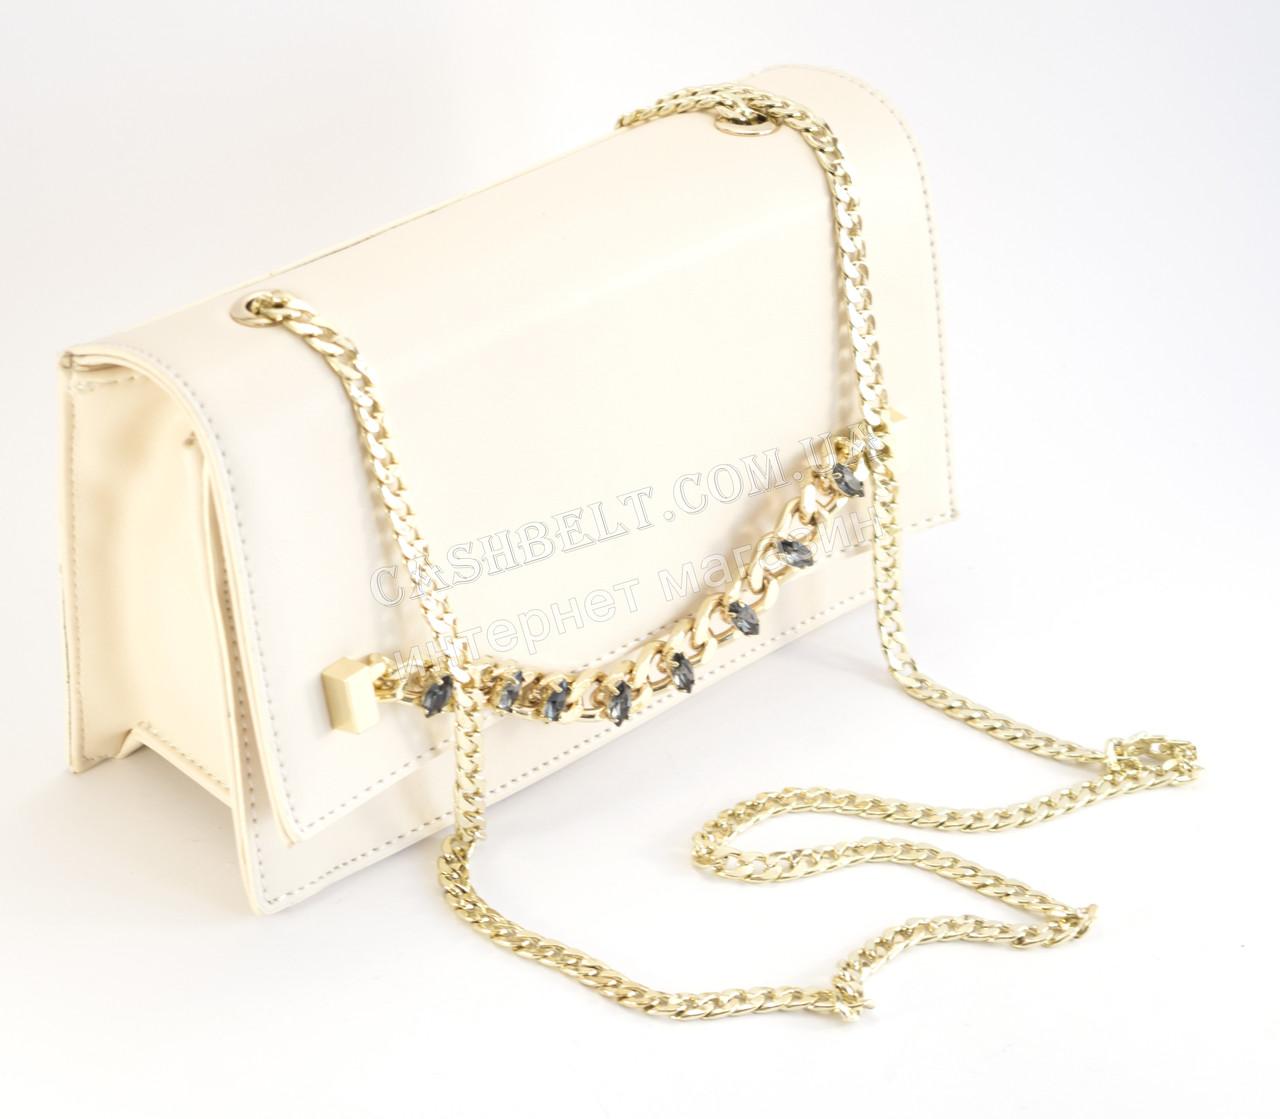 Красивый клатч-сумка светлого цвета с цепочкой и стразами Б/Н art. 433